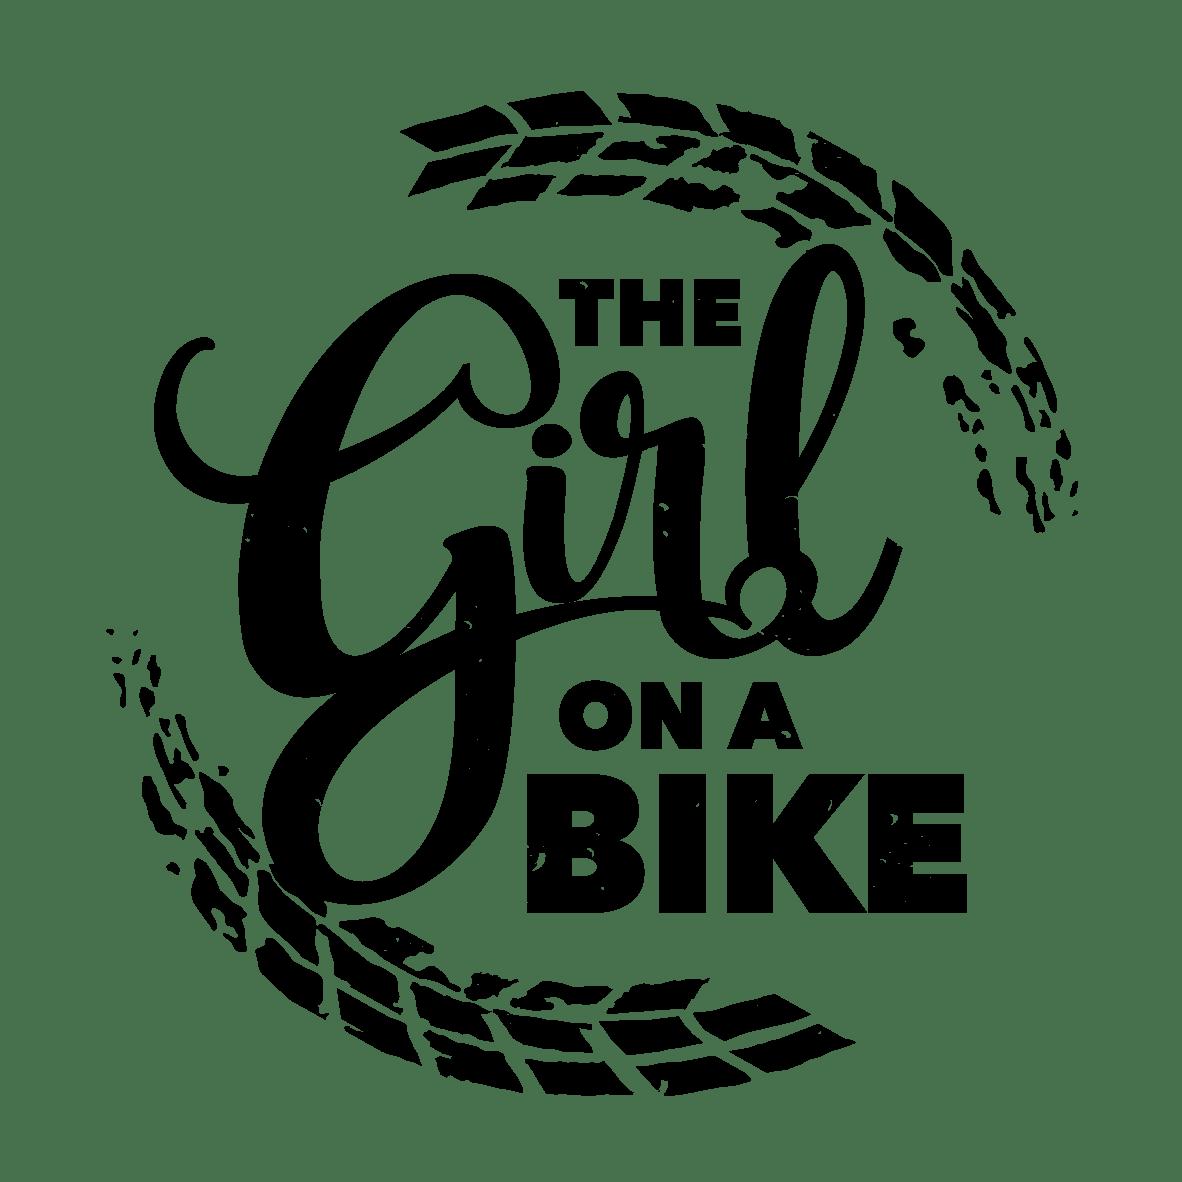 Harley Davidson Dyna Street Bob The Girl On A Bike